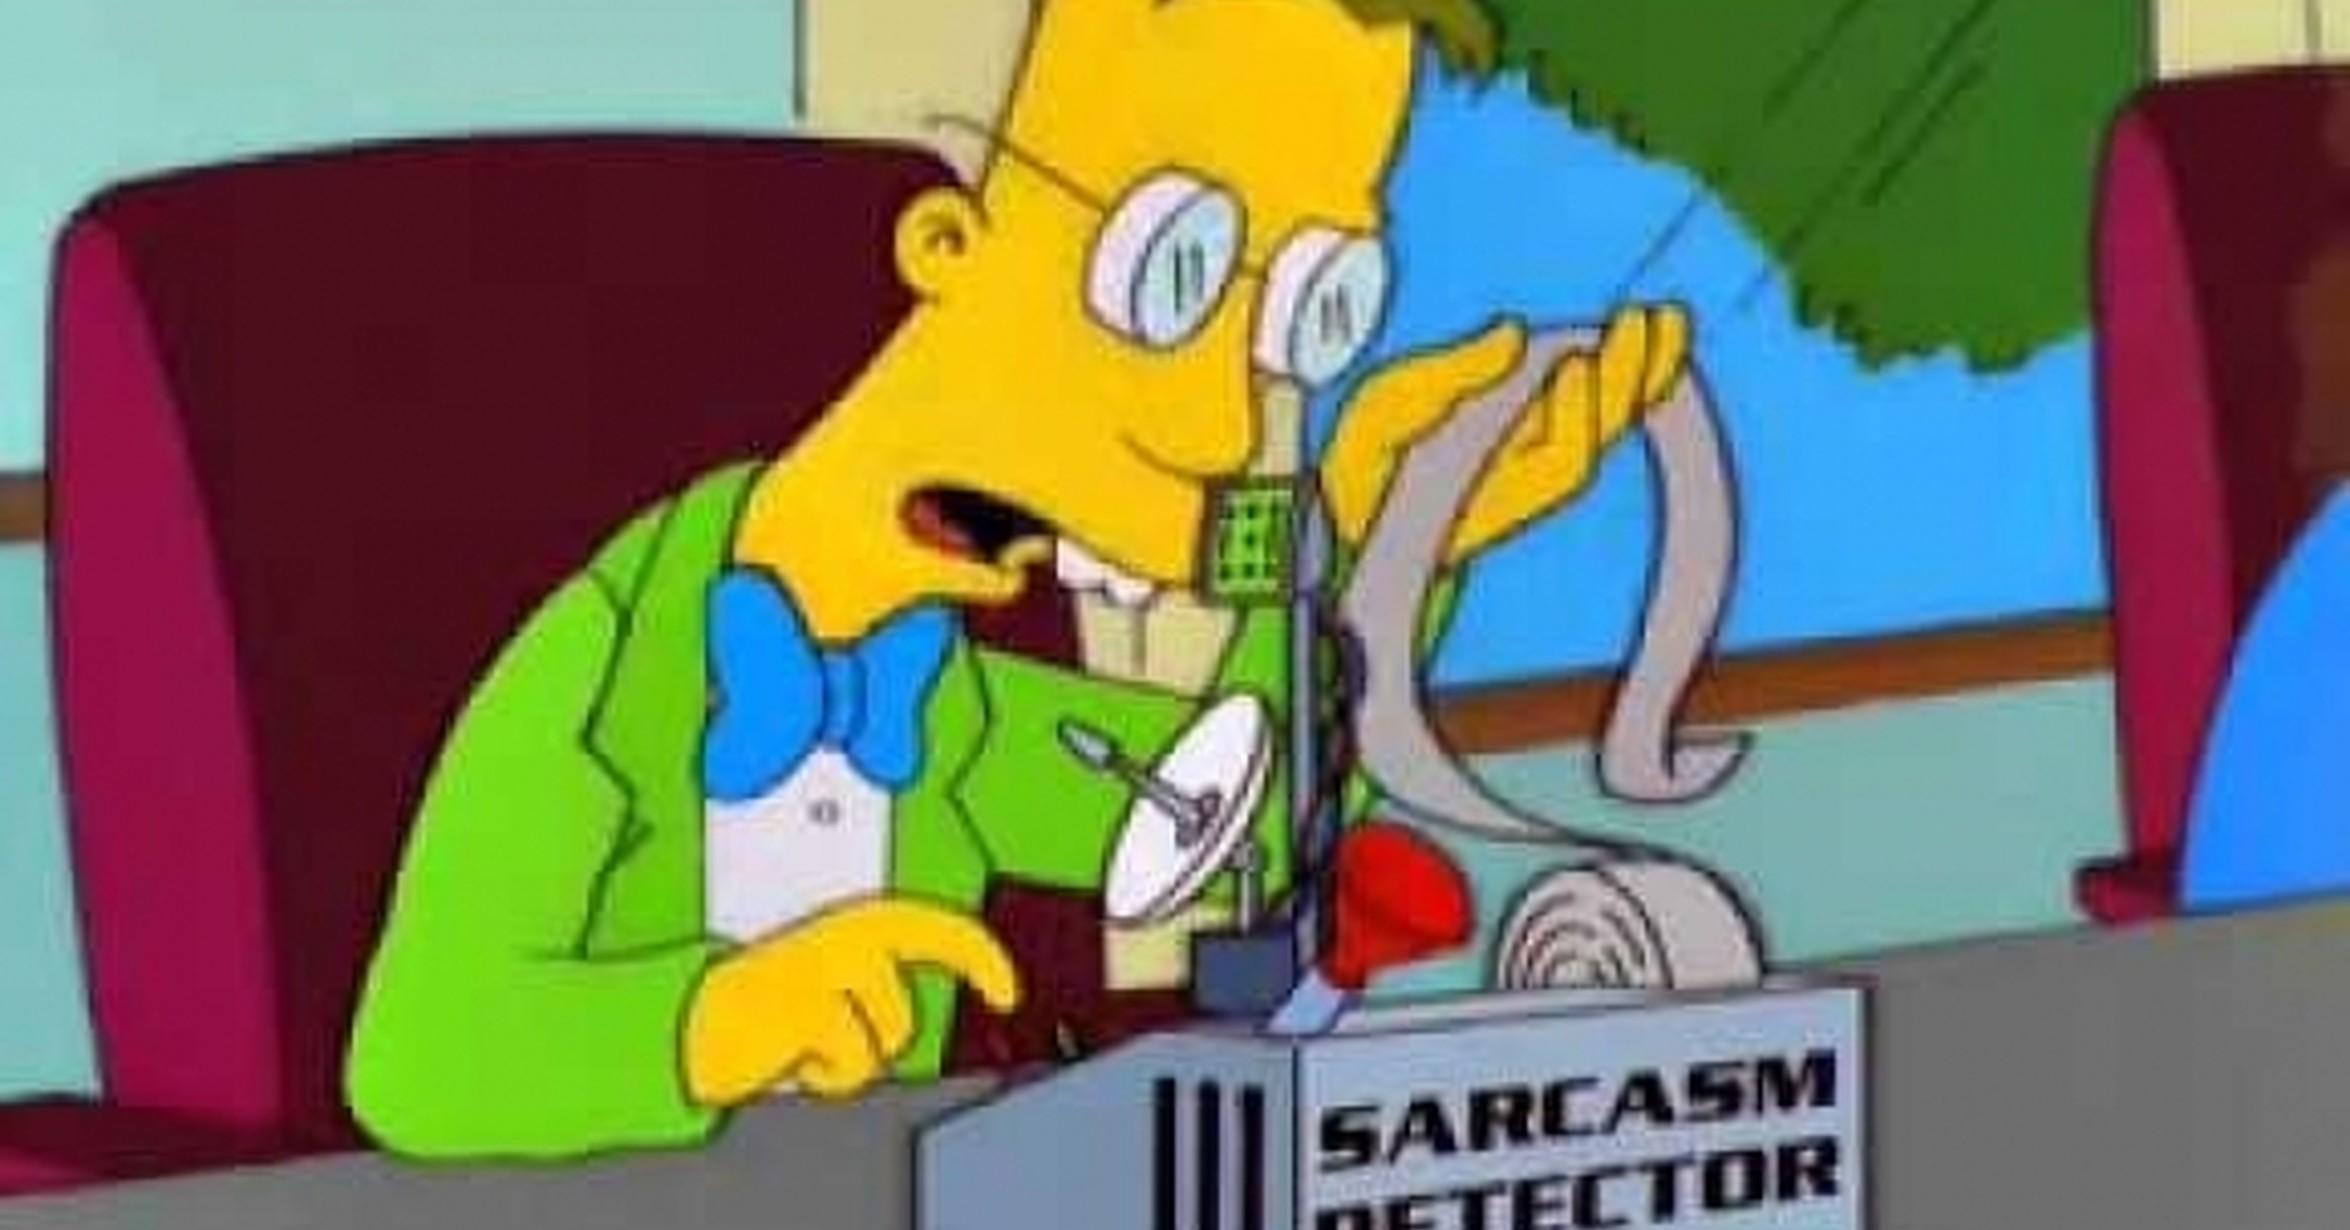 Los Simpson predicen máquina para detectar el sarcasmo